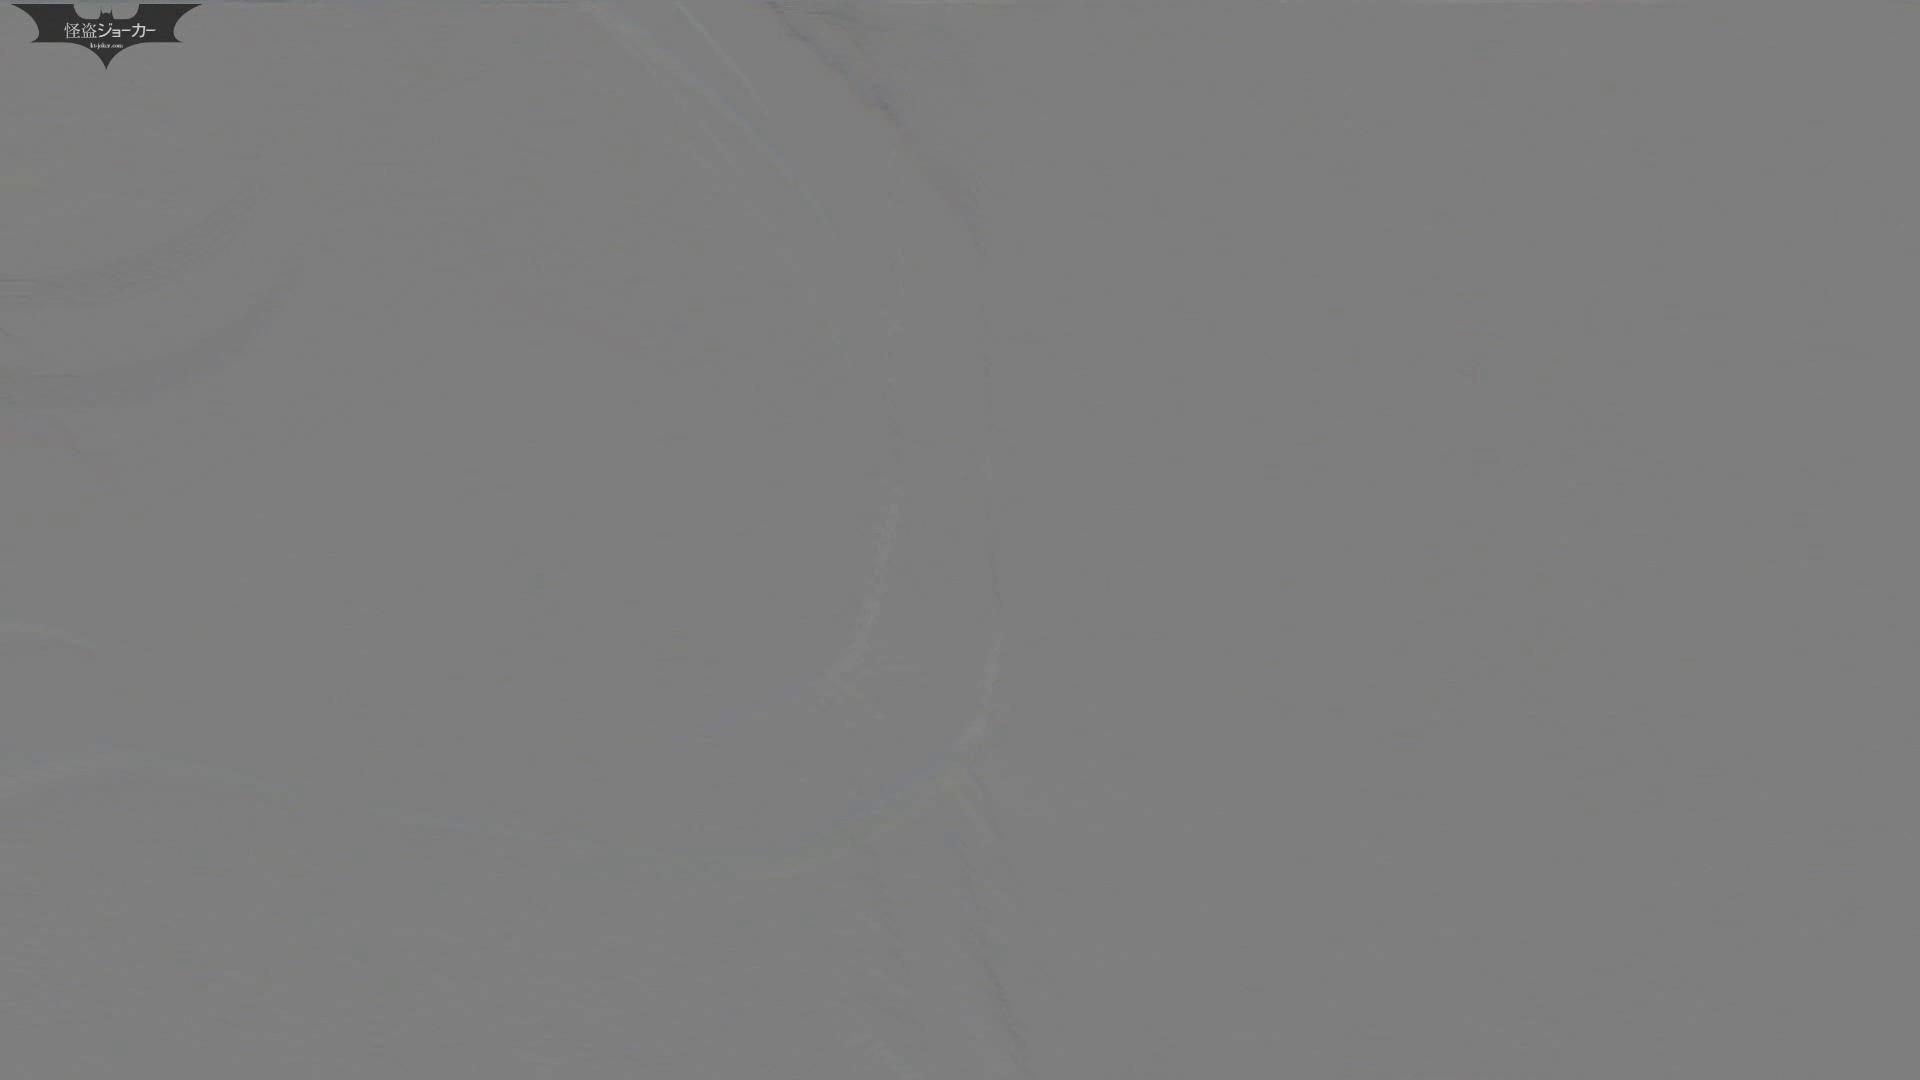 阿国ちゃんの和式洋式七変化 Vol.25 ん?突起物が・・・。 丸見え おめこ無修正画像 83枚 80